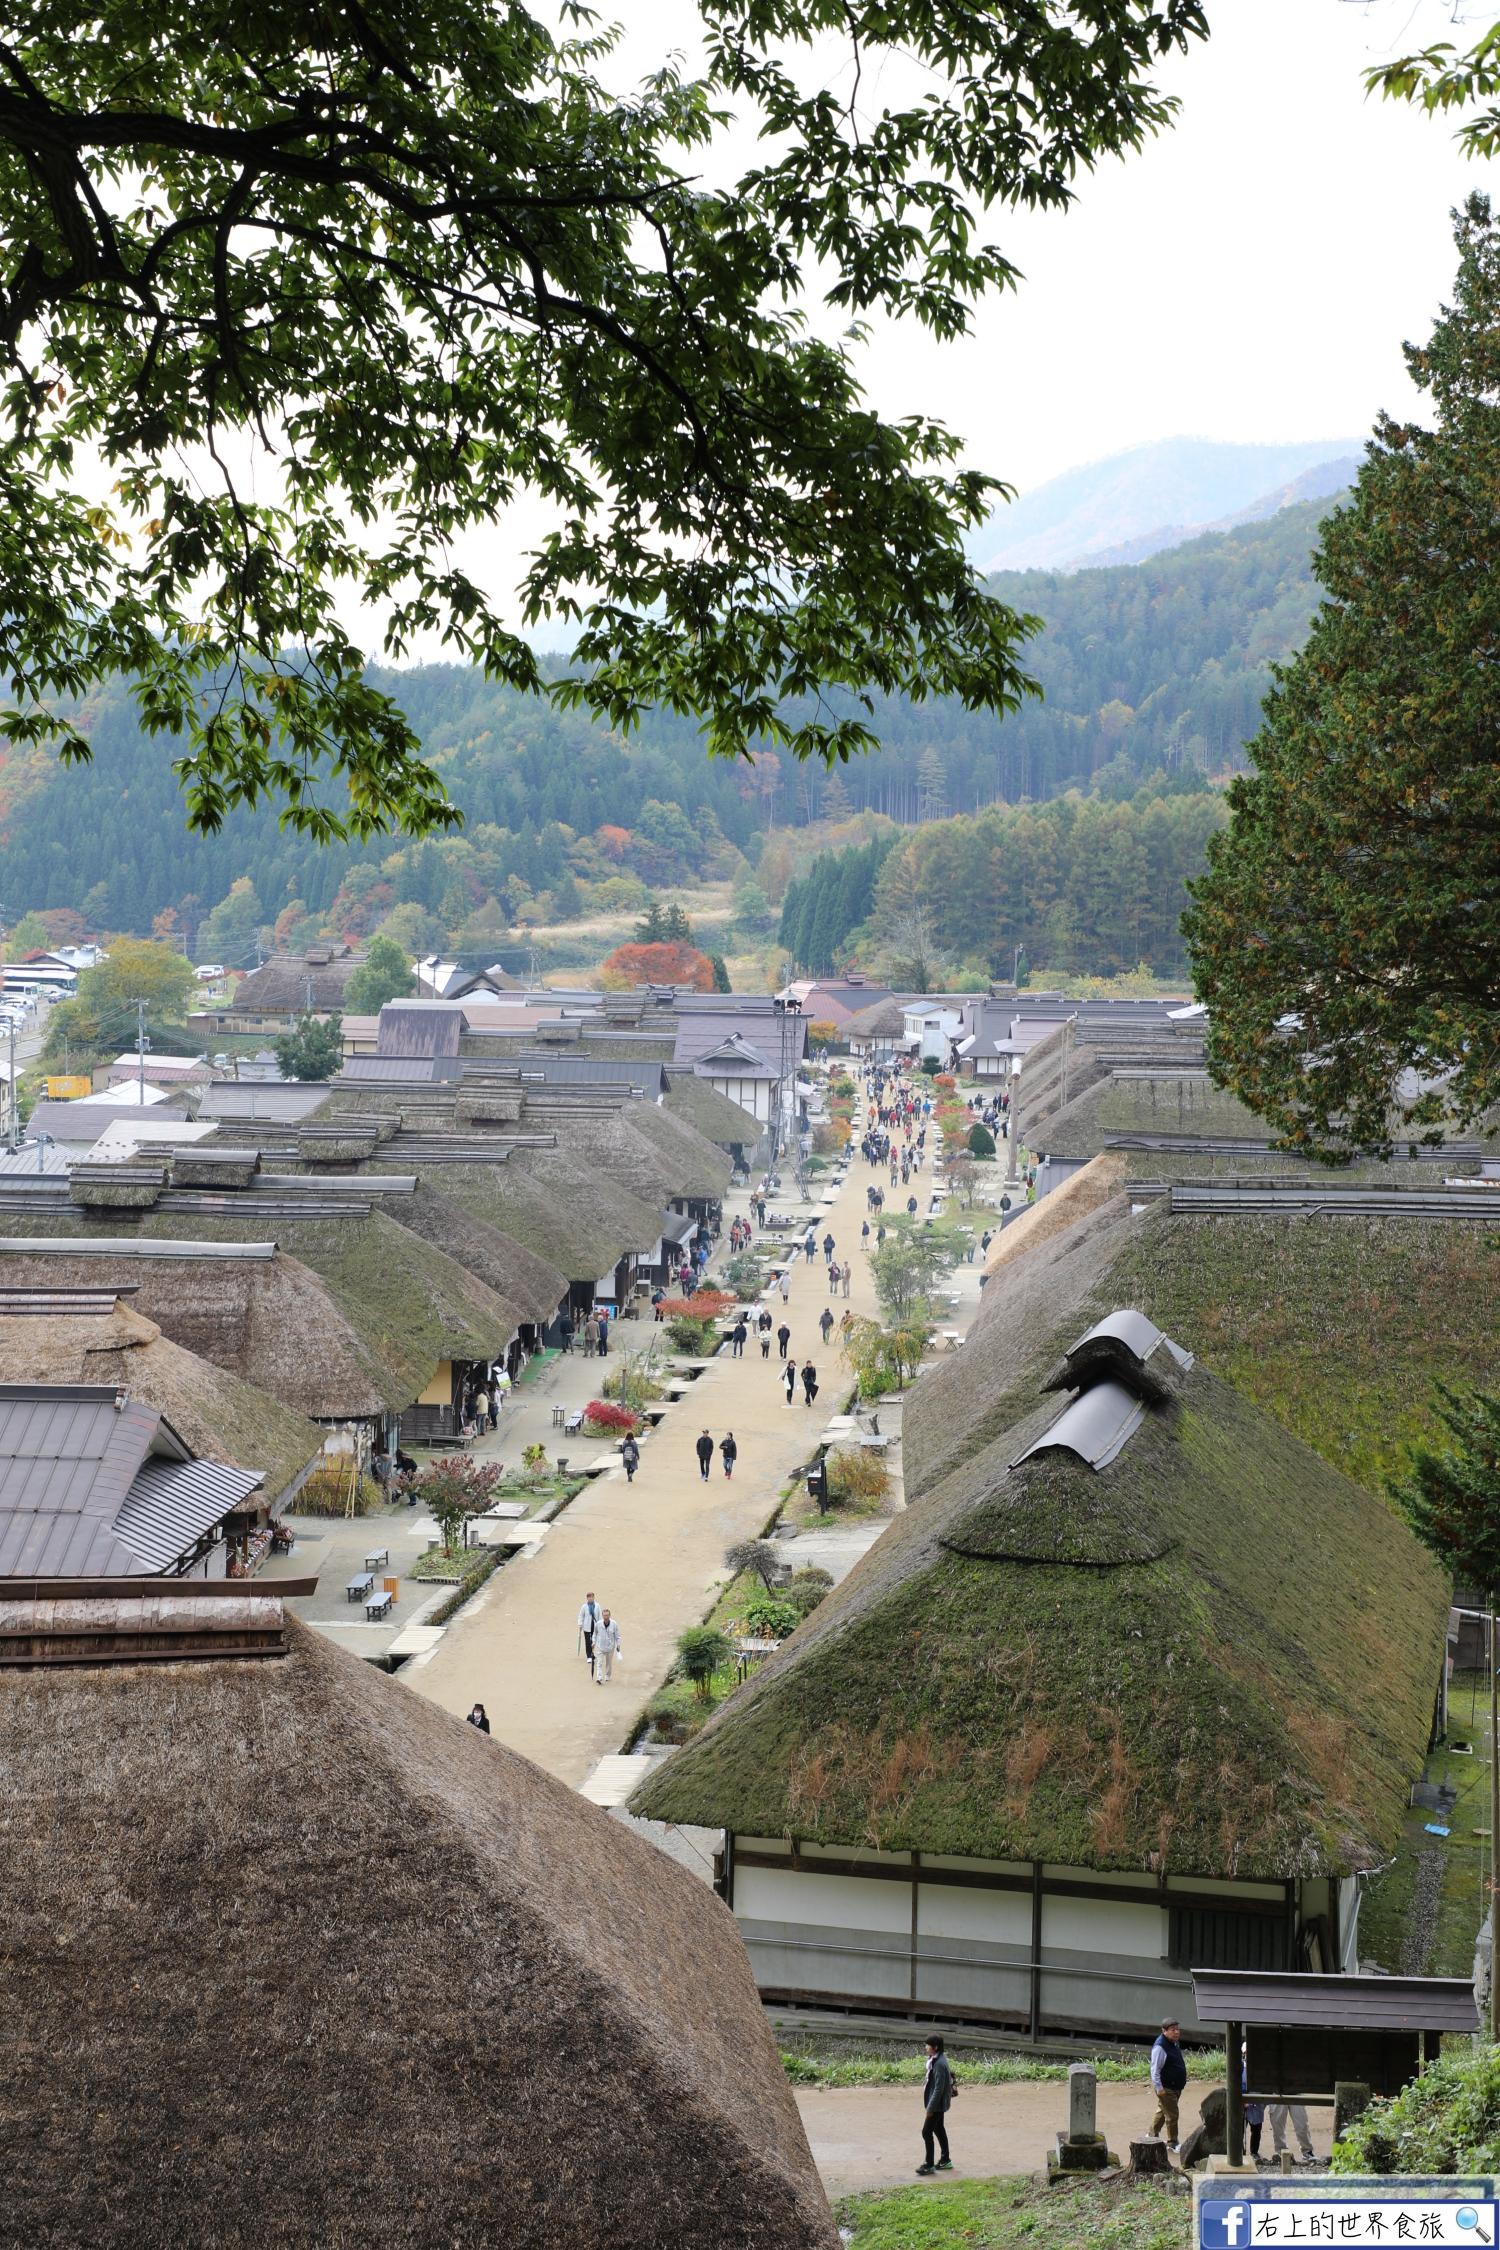 福島旅遊-大內宿:日本三大茅草屋 秋季楓景,傳統建物完整又好逛